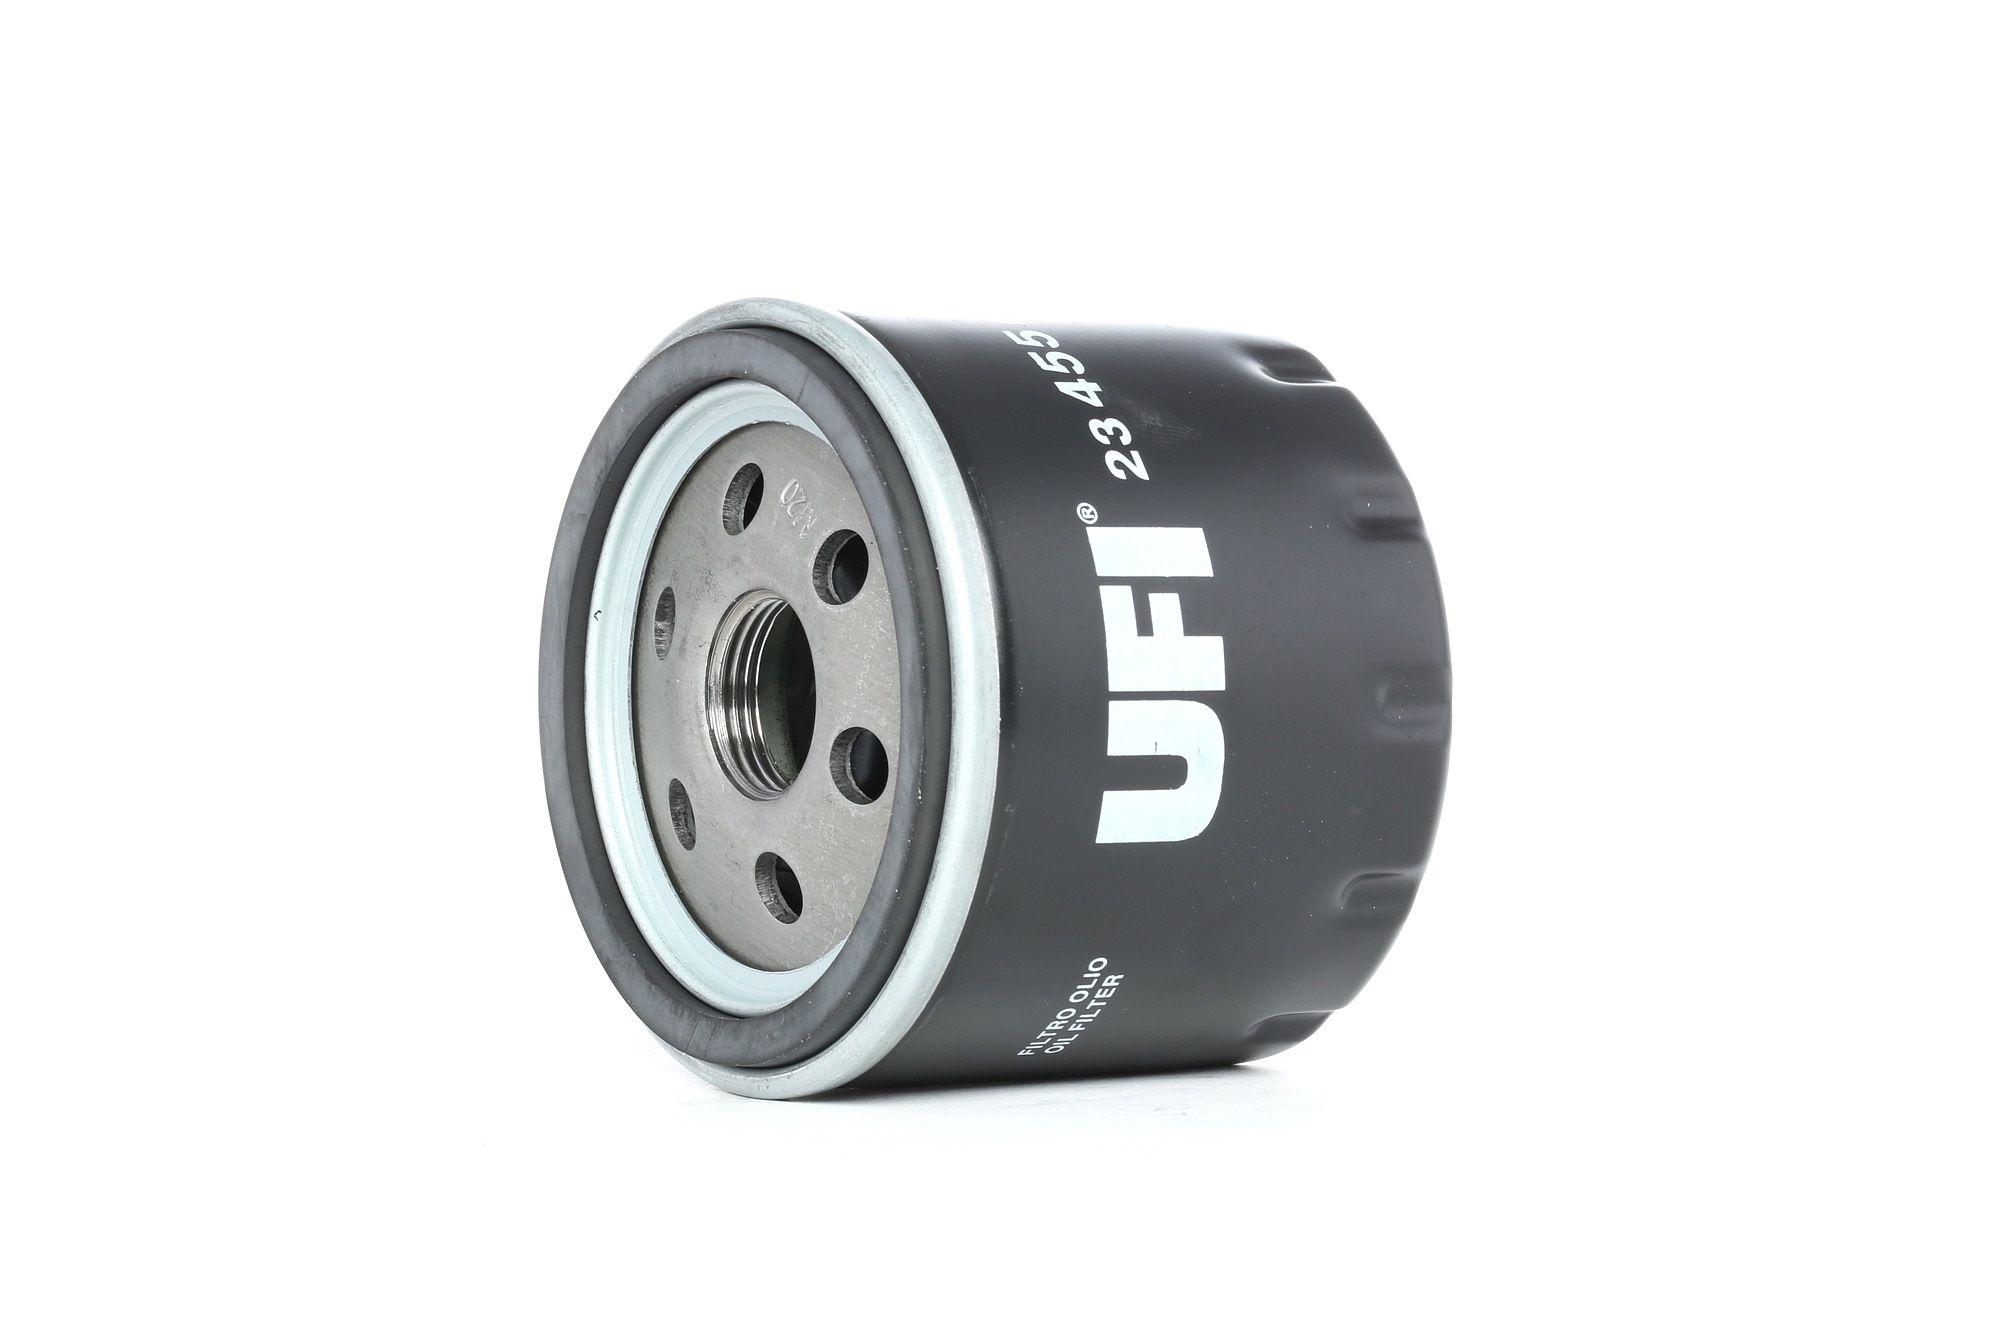 Oljni filter 23.455.00 za LANCIA nizke cene - Nakupujte zdaj!